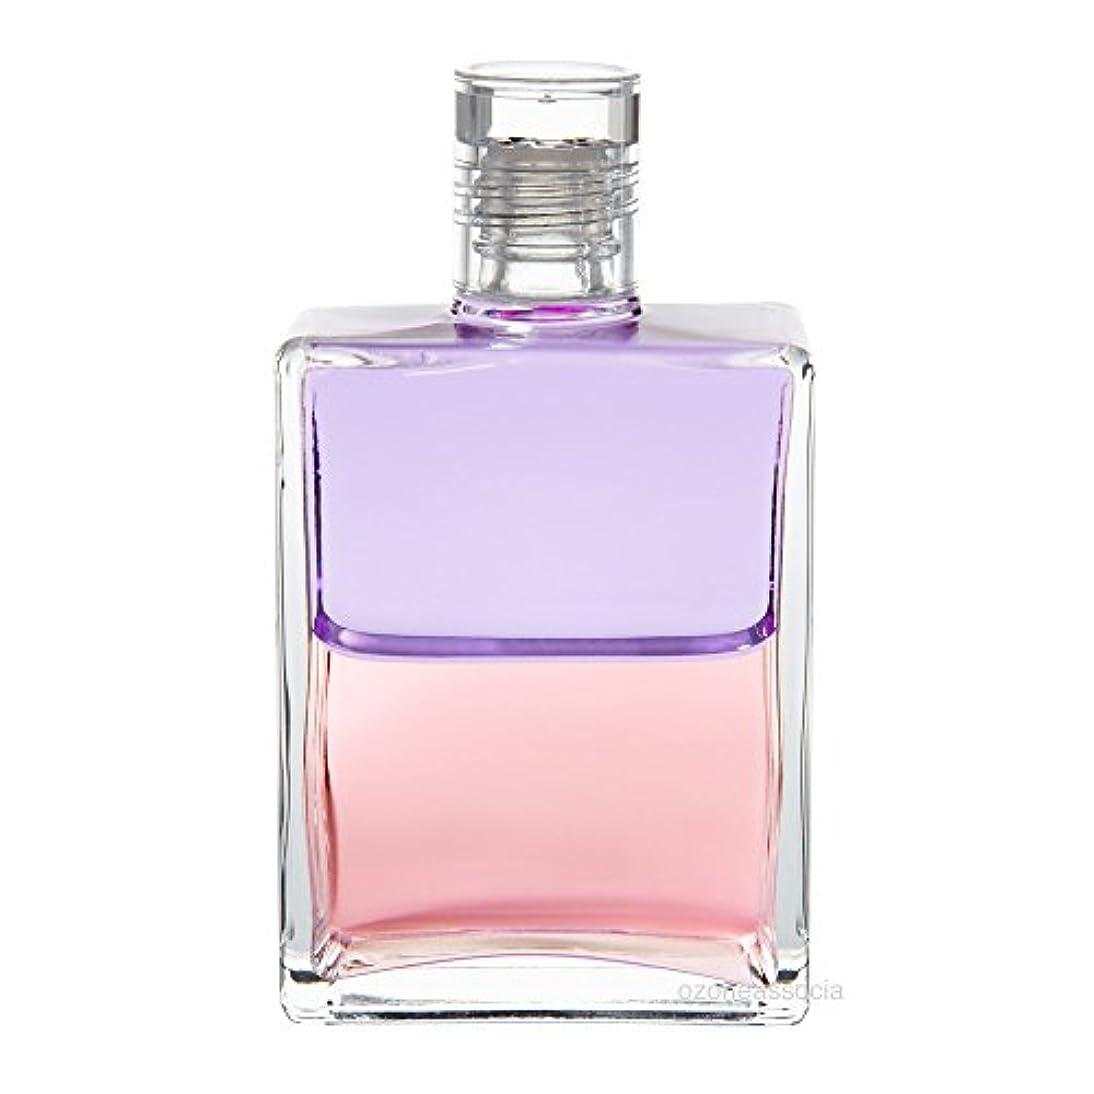 滴下先駆者試験オーラソーマ ボトル 66番  女優/ビクトリアのボトル (ペールバイオレット/ペールピンク) イクイリブリアムボトル50ml Aurasoma